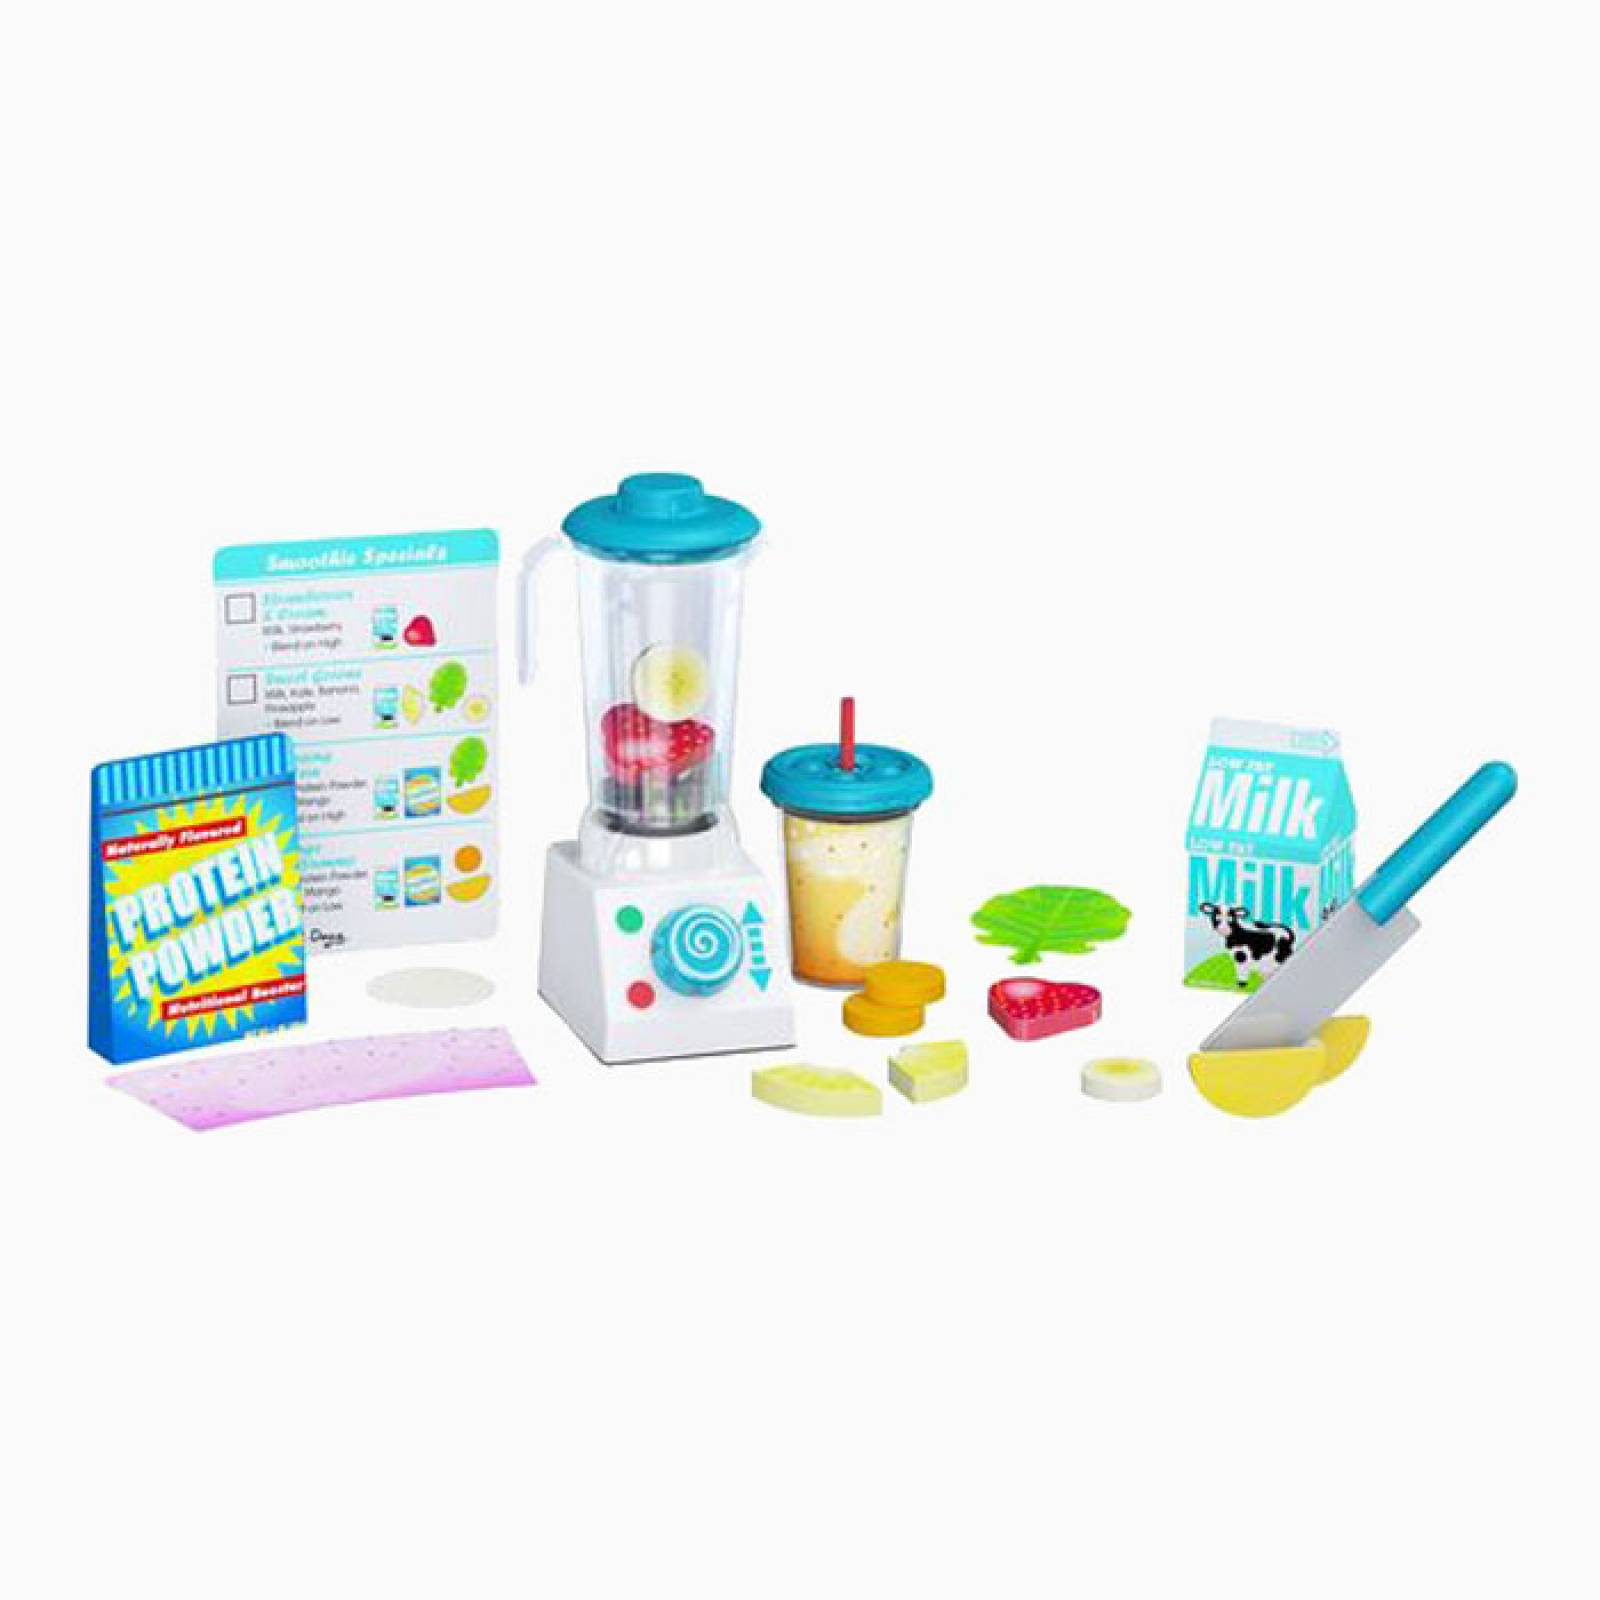 Toy Smoothie Maker Blender Set 3+ thumbnails